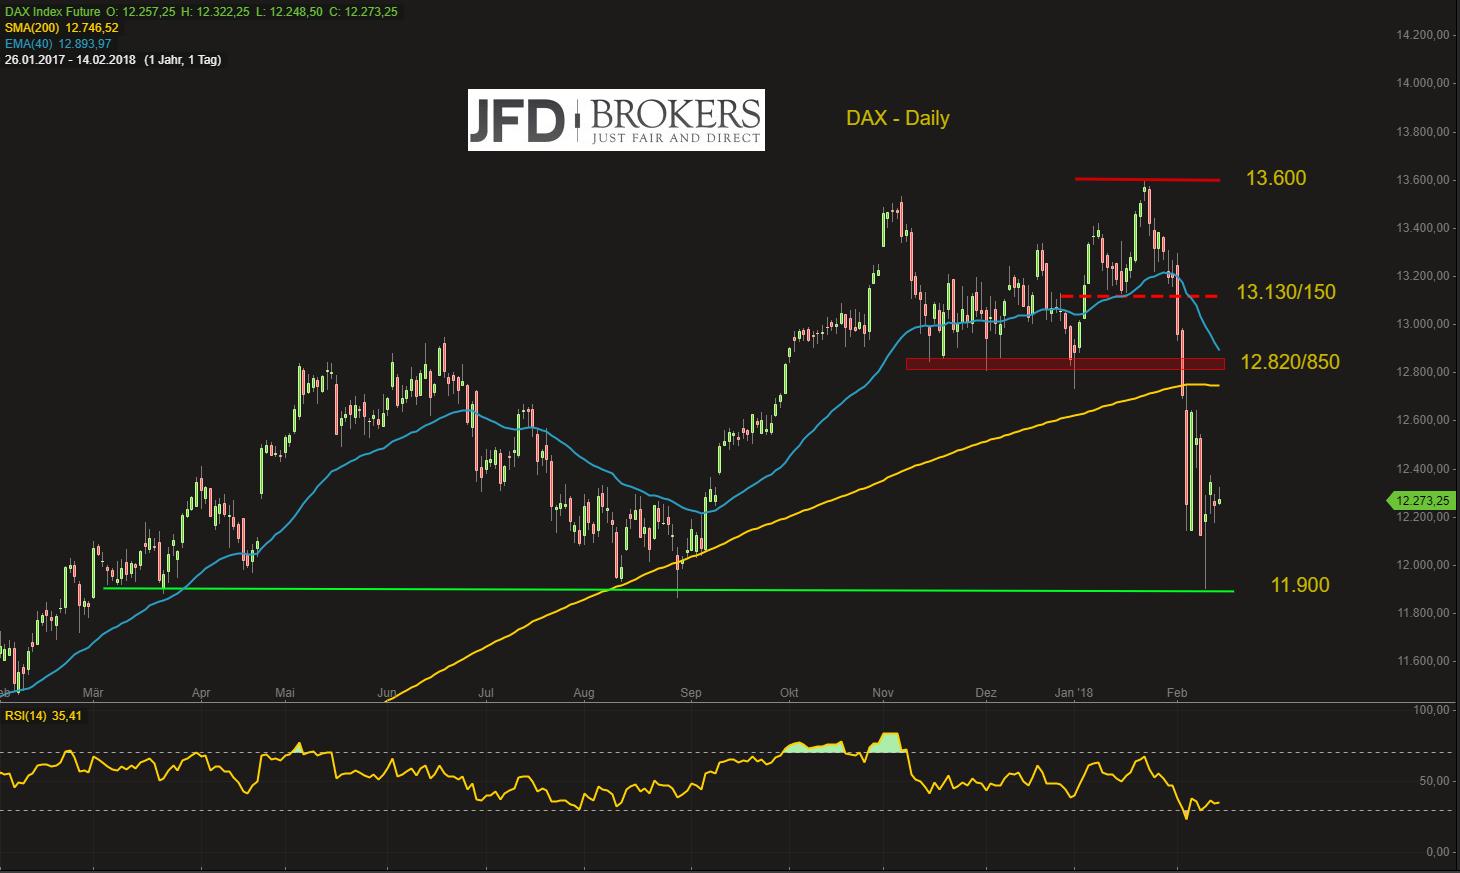 DAX-atmet-weiter-durch-aber-die-Kuh-ist-noch-nicht-vom-Eis-Kommentar-JFD-Brokers-GodmodeTrader.de-2